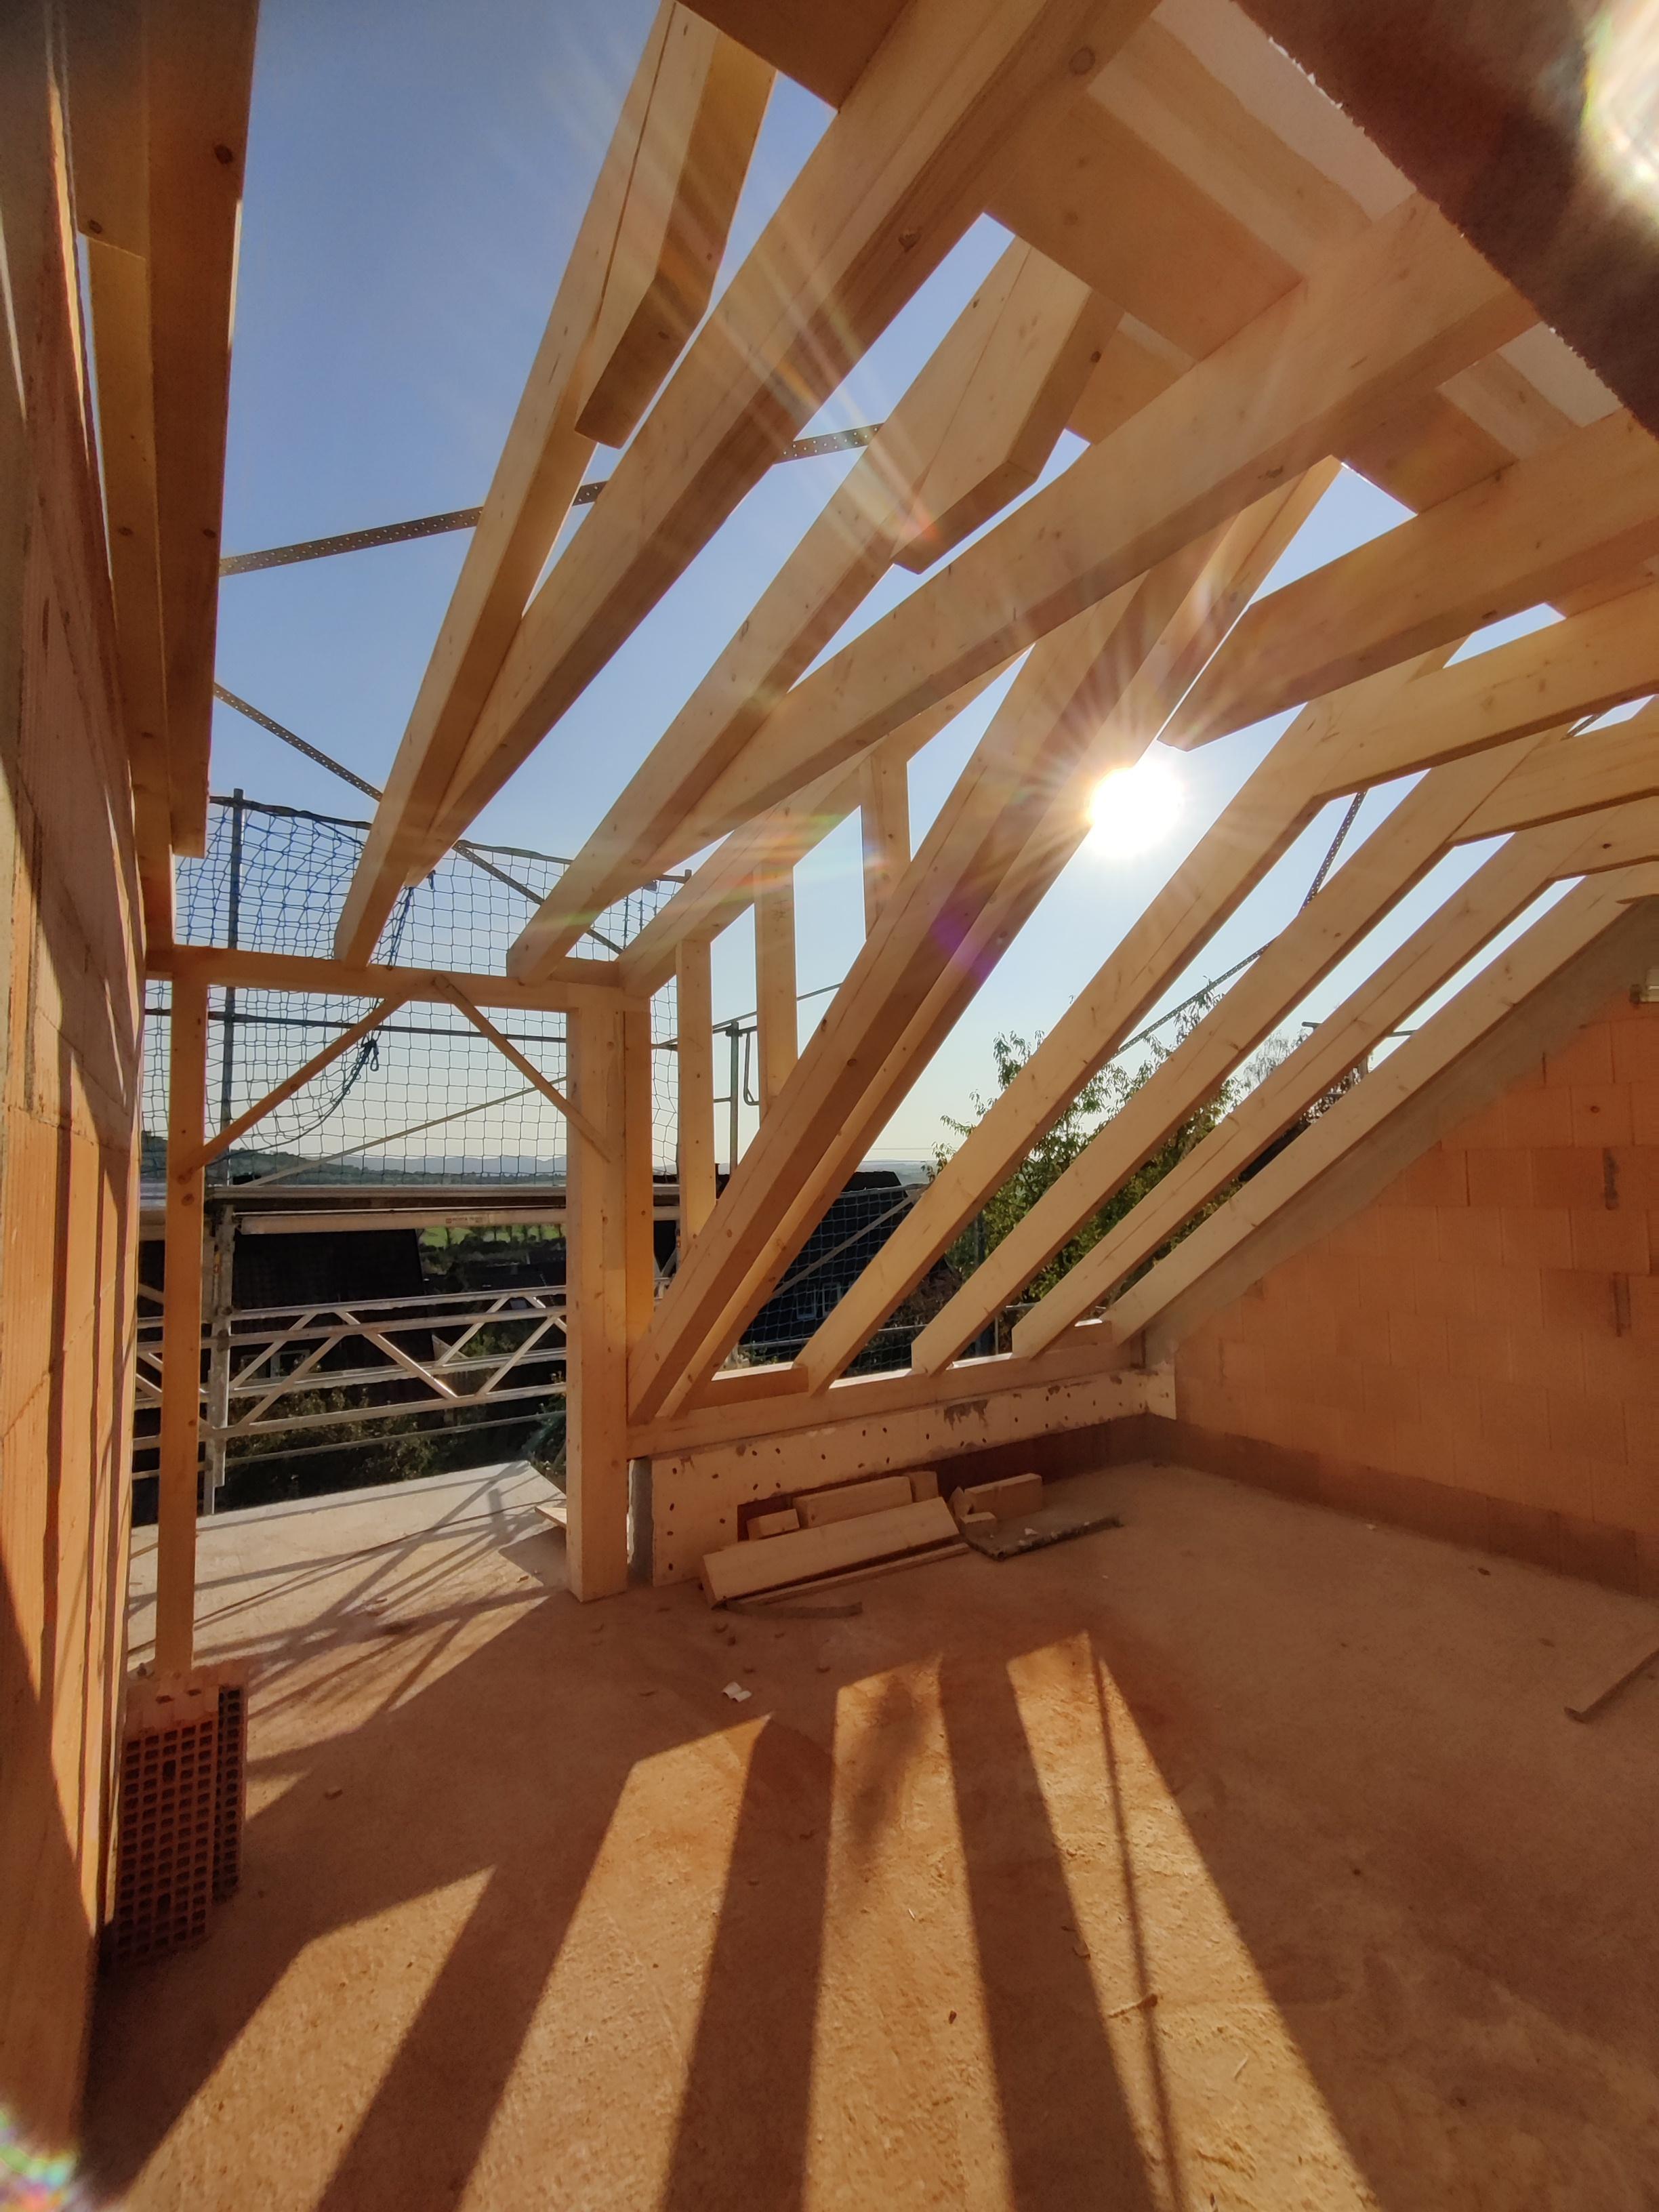 Dachstuhl von LEINS HAOLZBAU in Unterjessingen | Zimmerei und Innenausbau